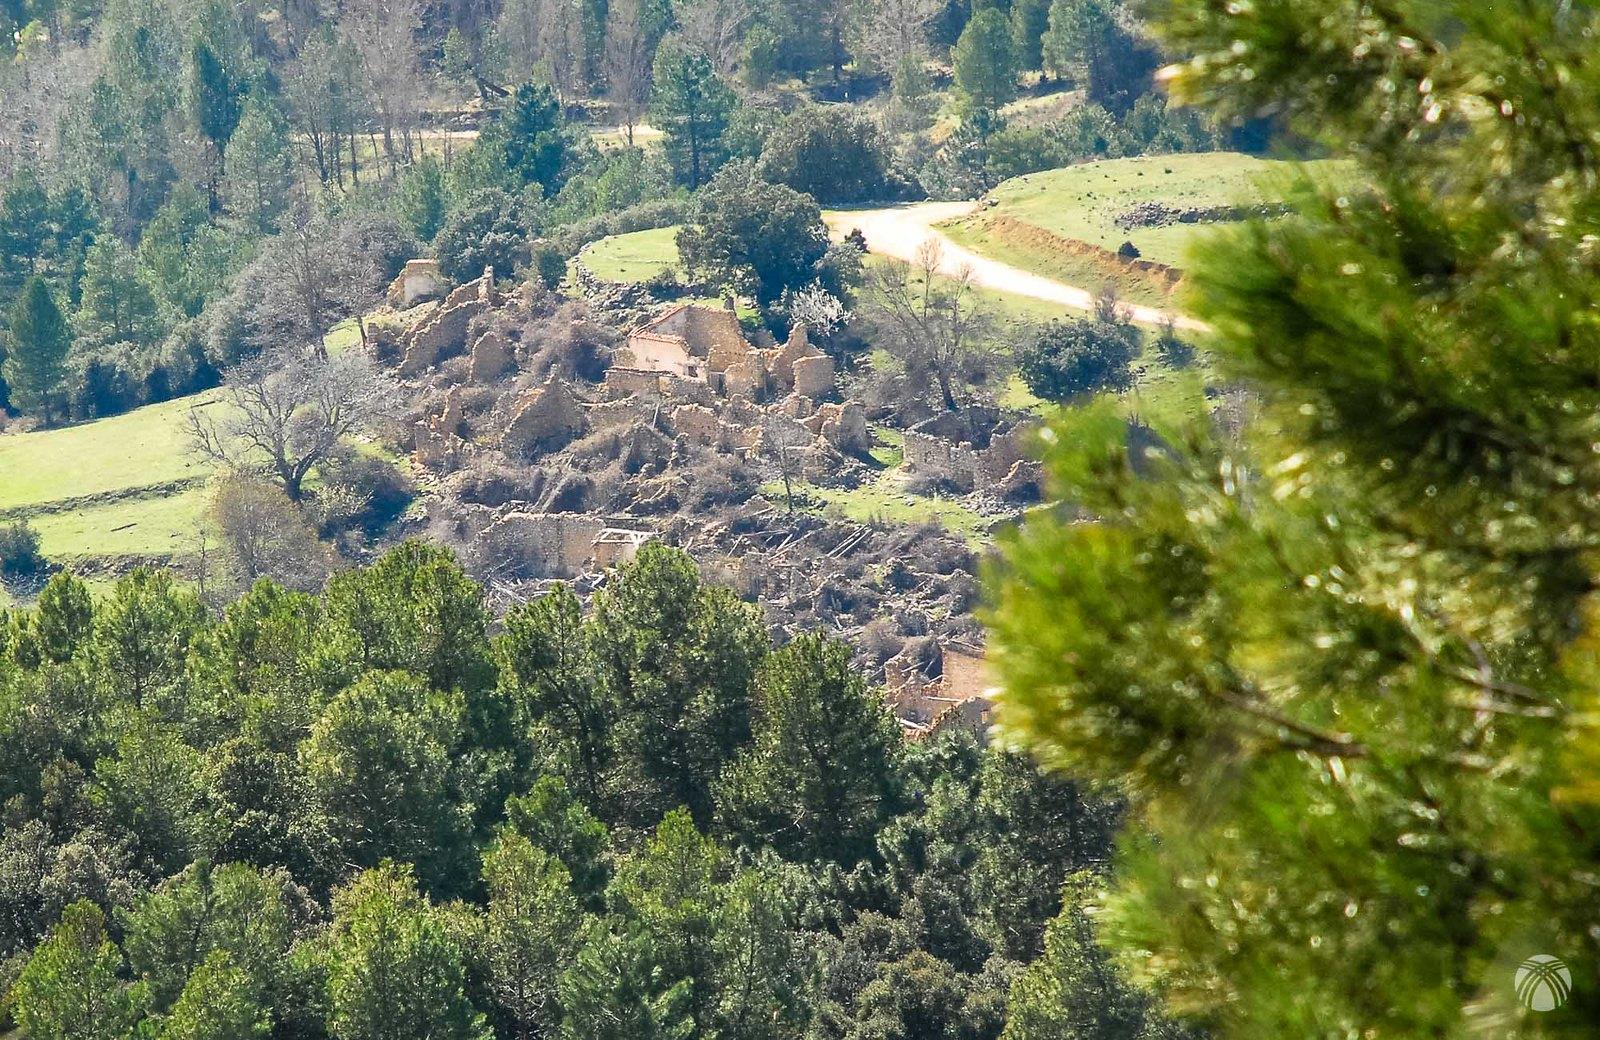 La aldea del Prado de Juan Ruiz en ruinas. Hace pocos años la casa blanca todavía mantenía el tejado.